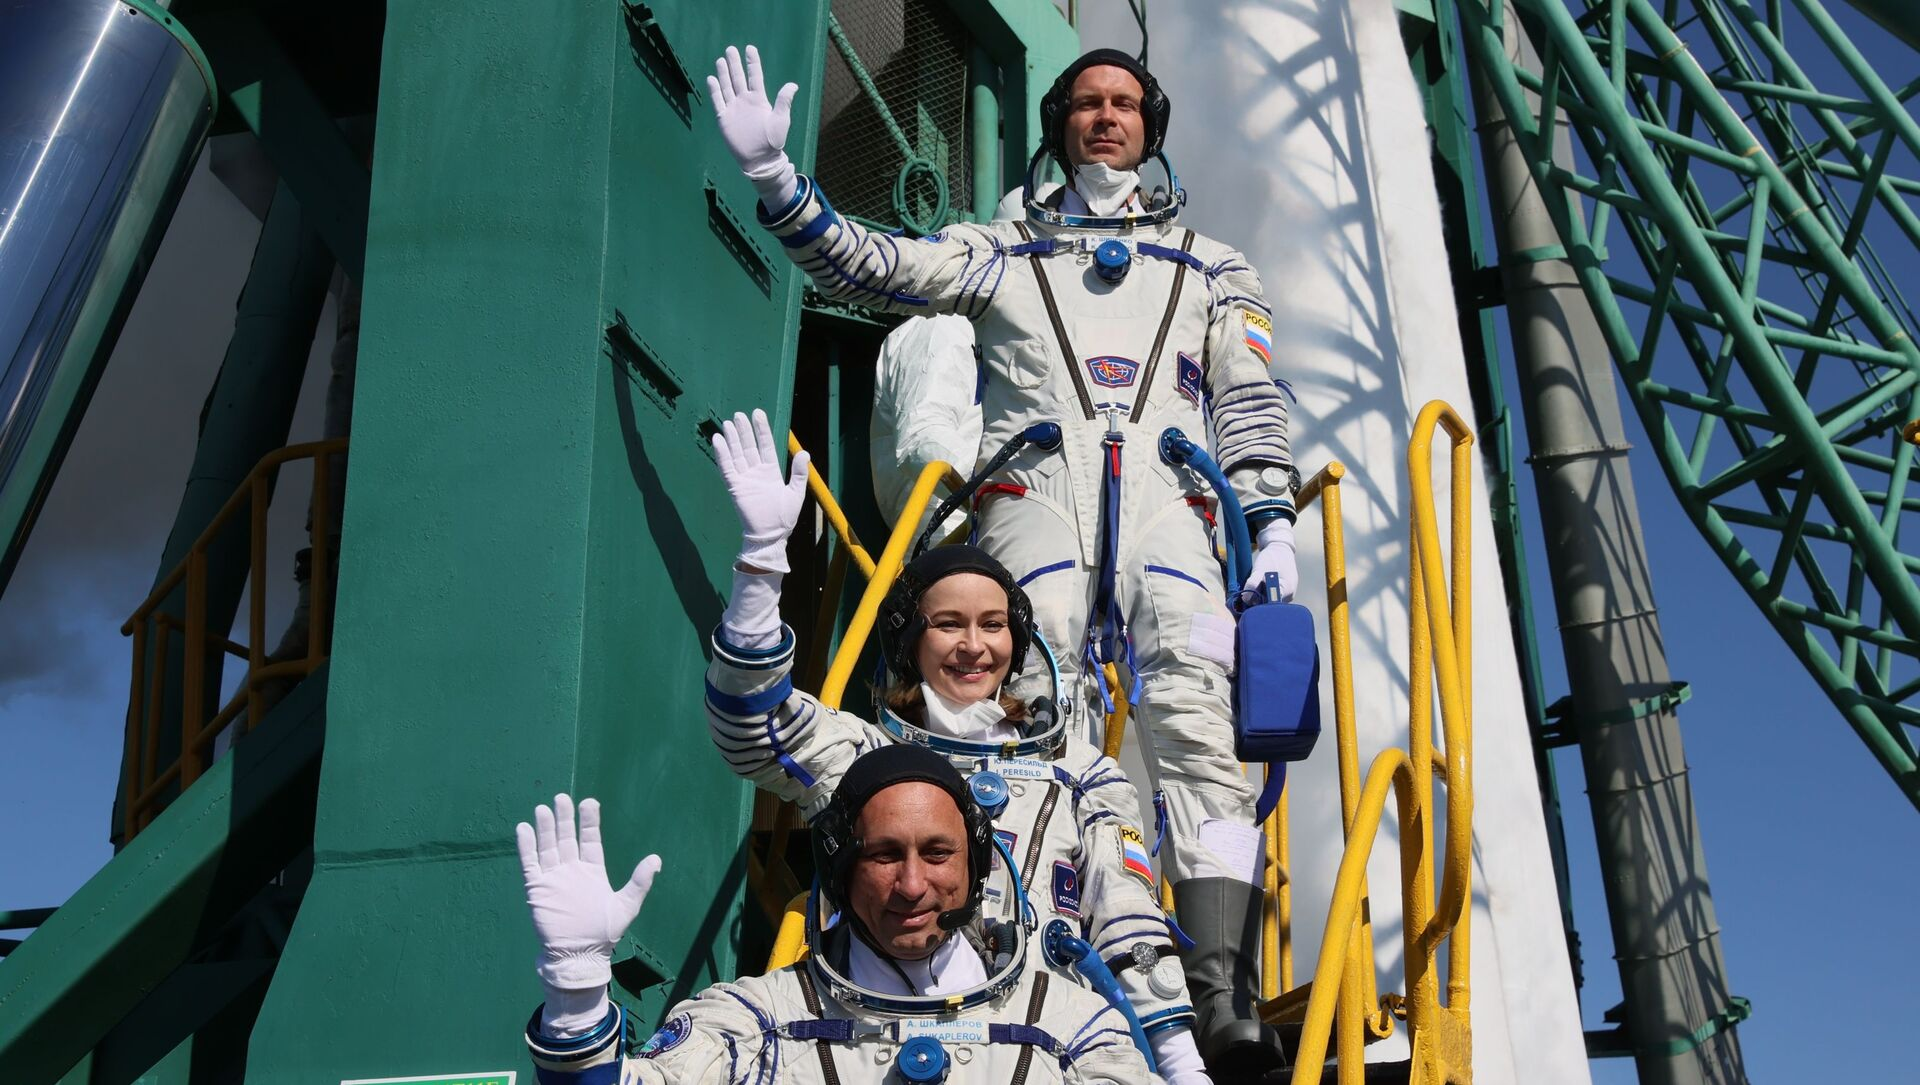 史上初! プロ俳優の撮影班がISSに到着 宇宙船のドッキング無事成功 - Sputnik 日本, 1920, 05.10.2021